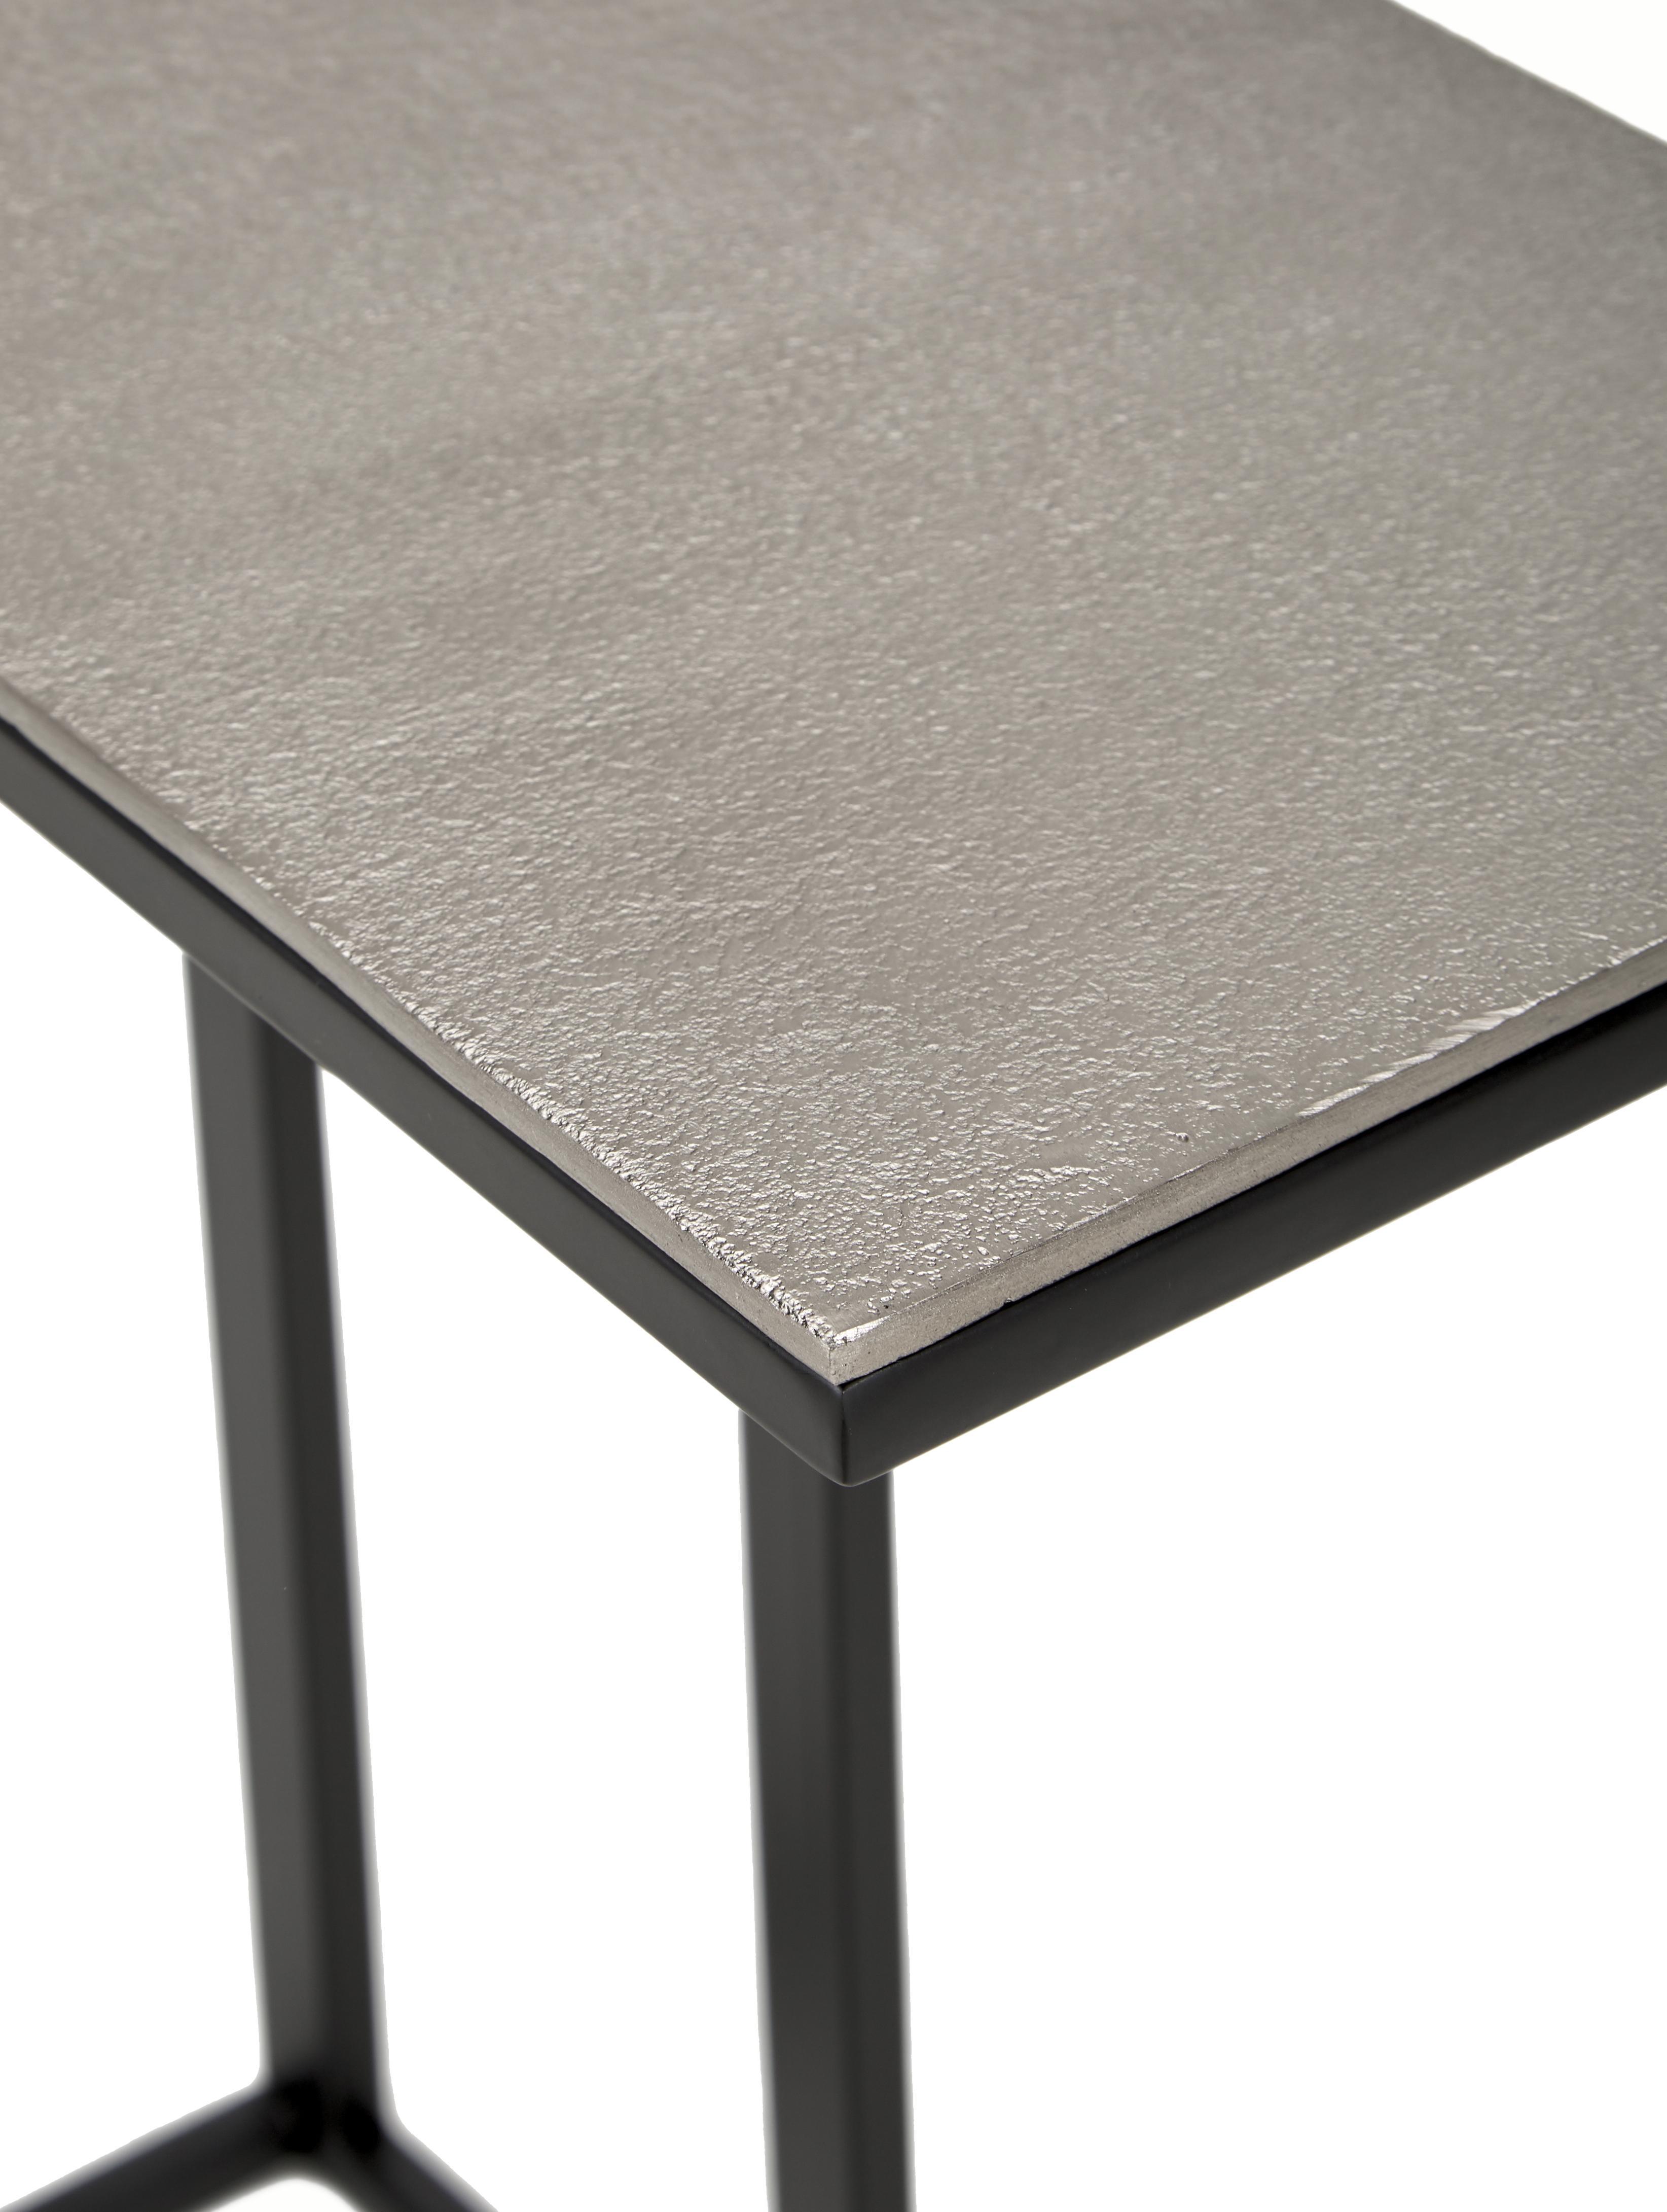 Beistelltisch Edge im Industrial Design, Tischplatte: Metall, beschichtet, Gestell: Metall, pulverbeschichtet, Tischplatte: Silberfarben mit Antik Finish Gestell: Schwarz, matt, 43 x 52 cm